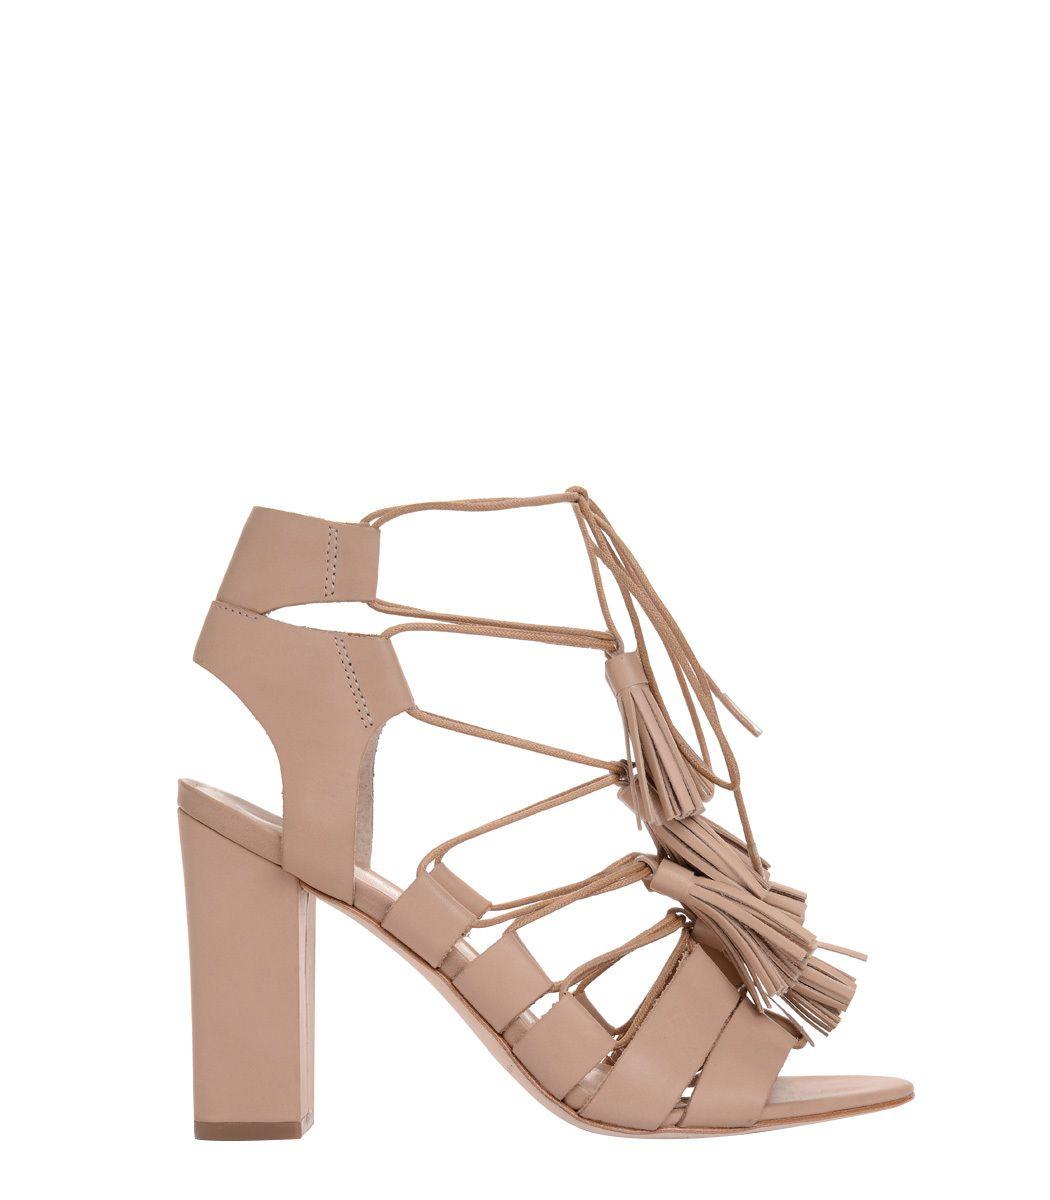 Loeffler Randall 'Luz Tassel' Sandal